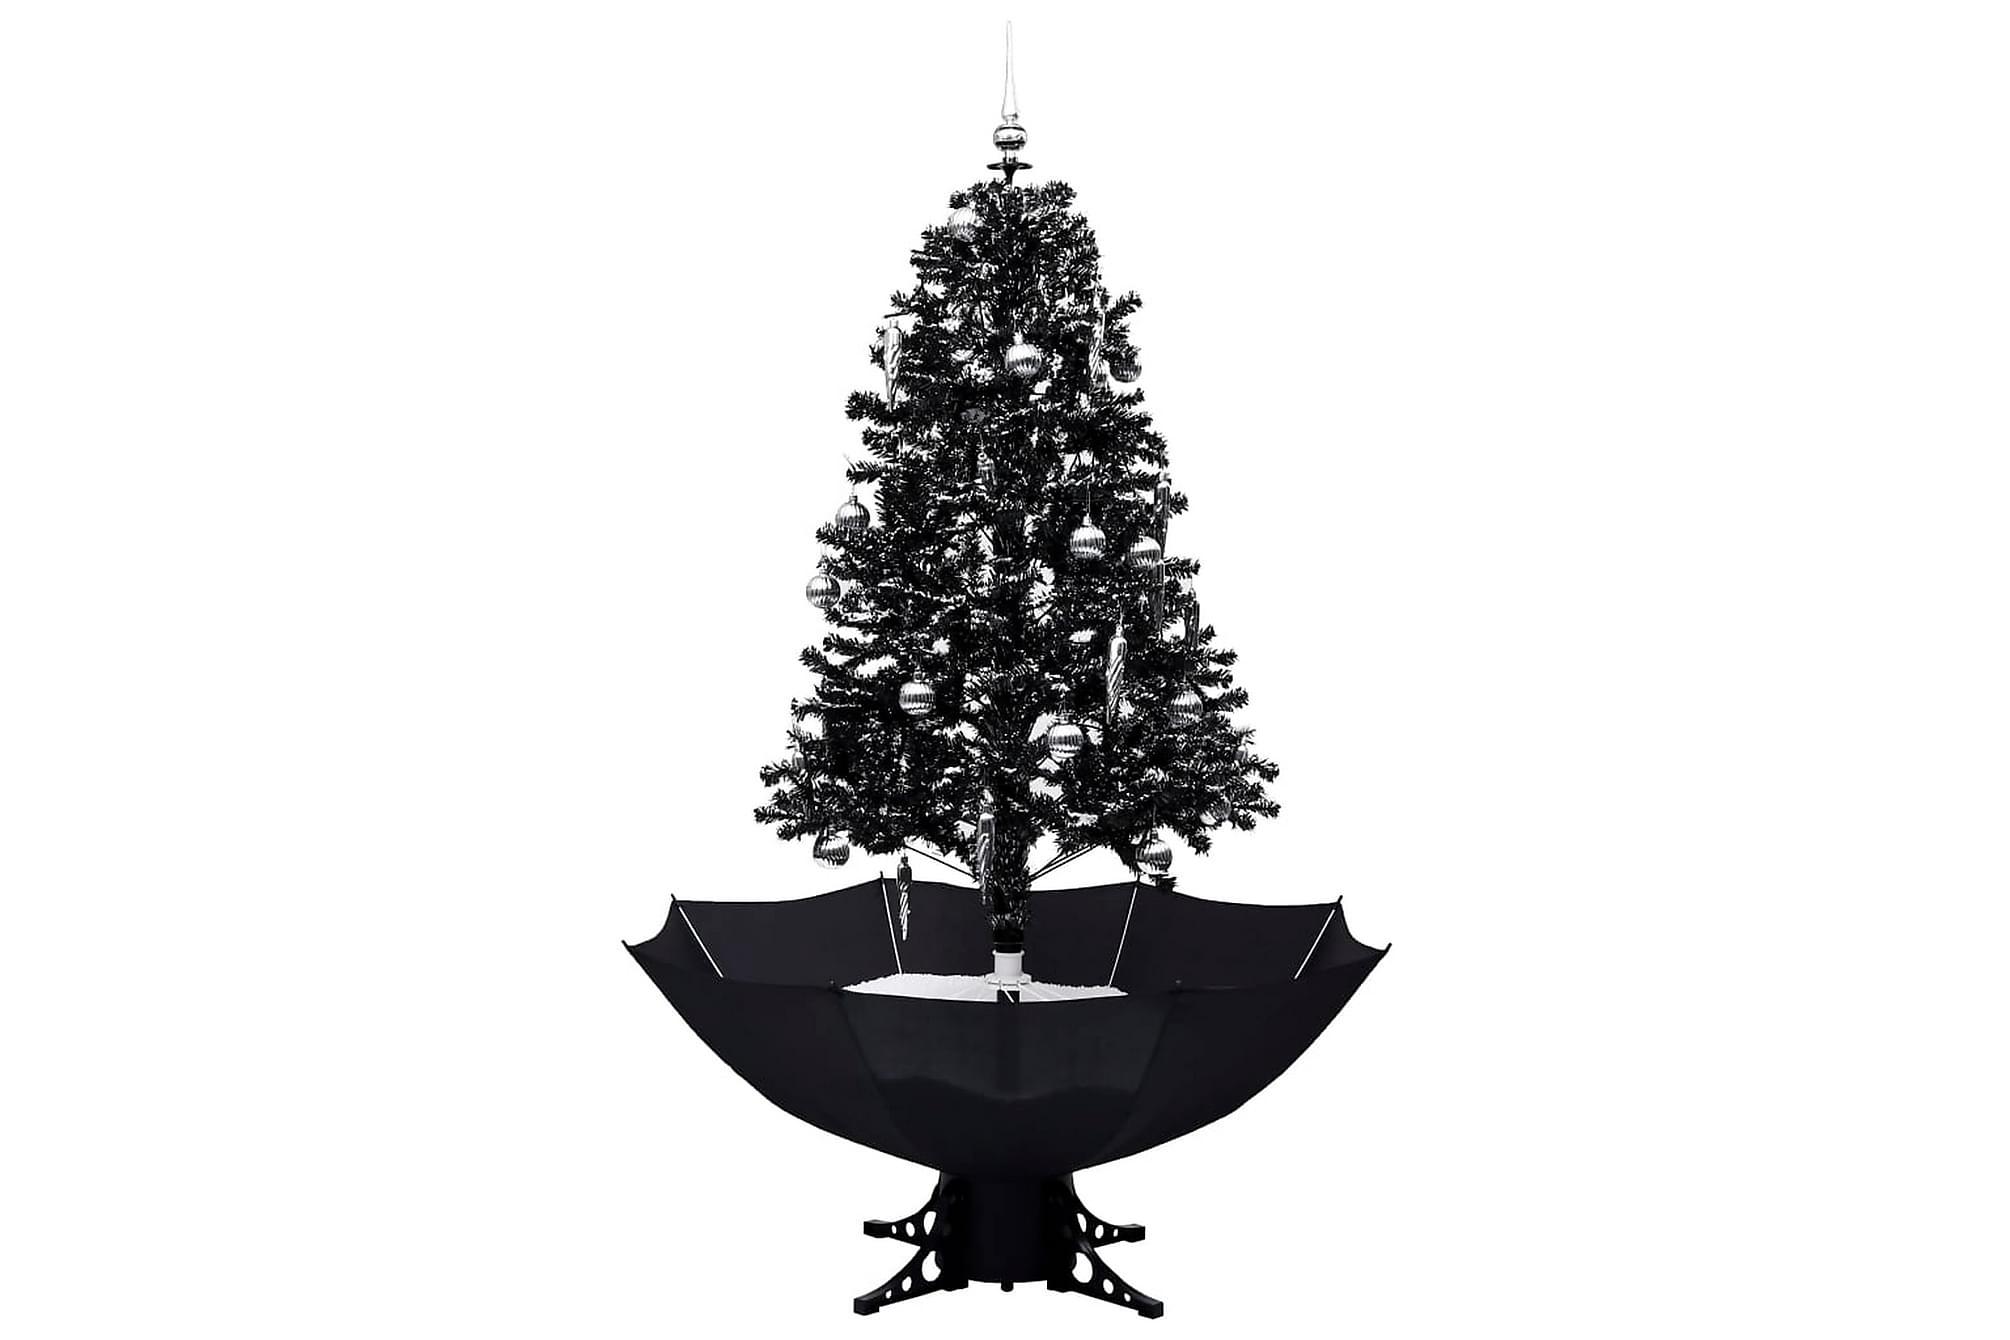 Julgran med snö och paraplybas svart 170 cm PVC, Julpynt & juldekoration